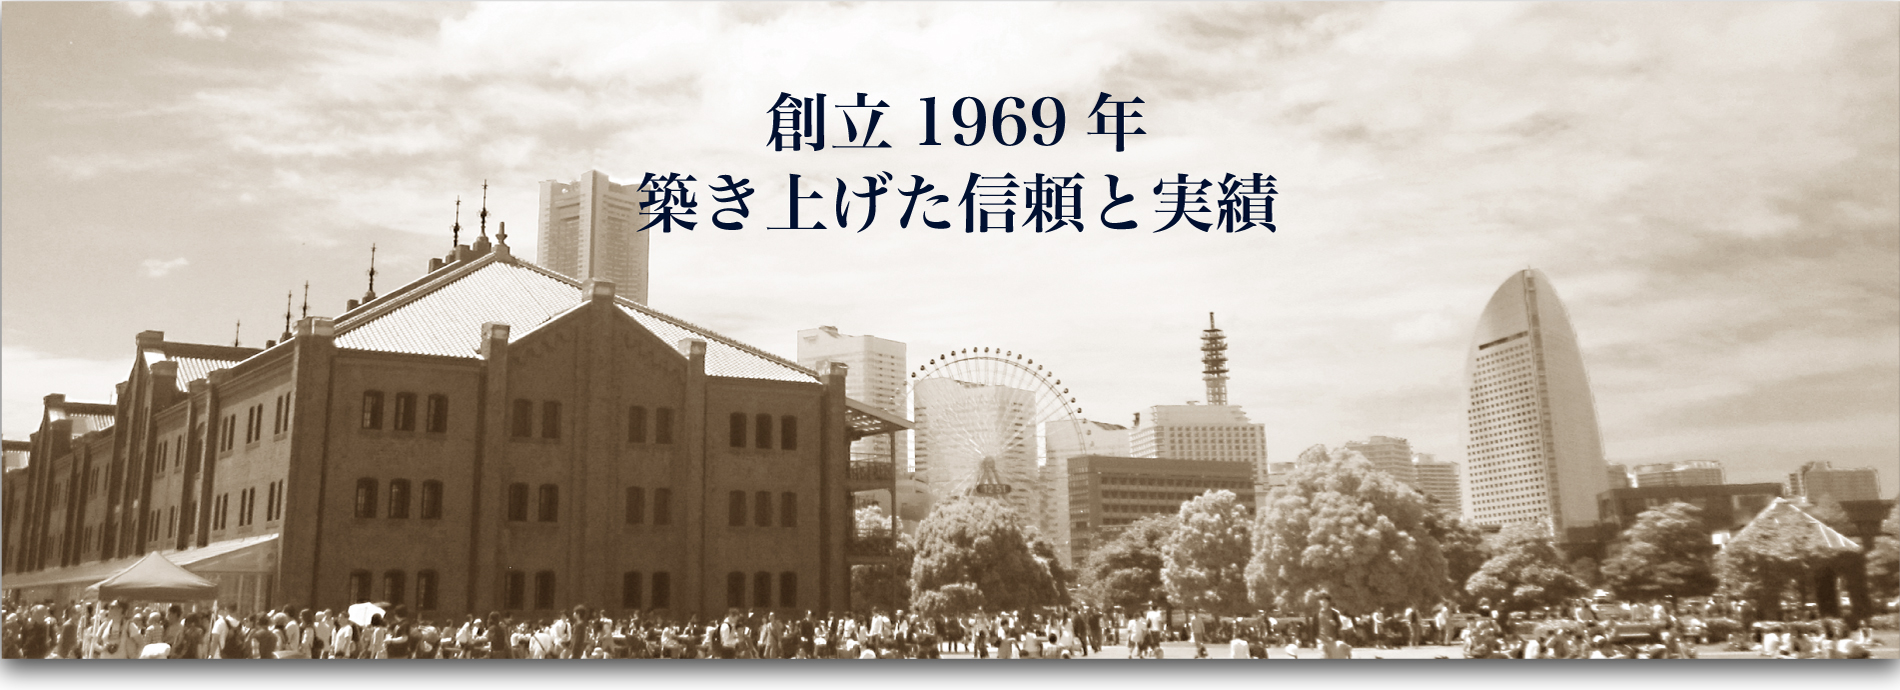 創立1969年 築き上げた信頼と実績